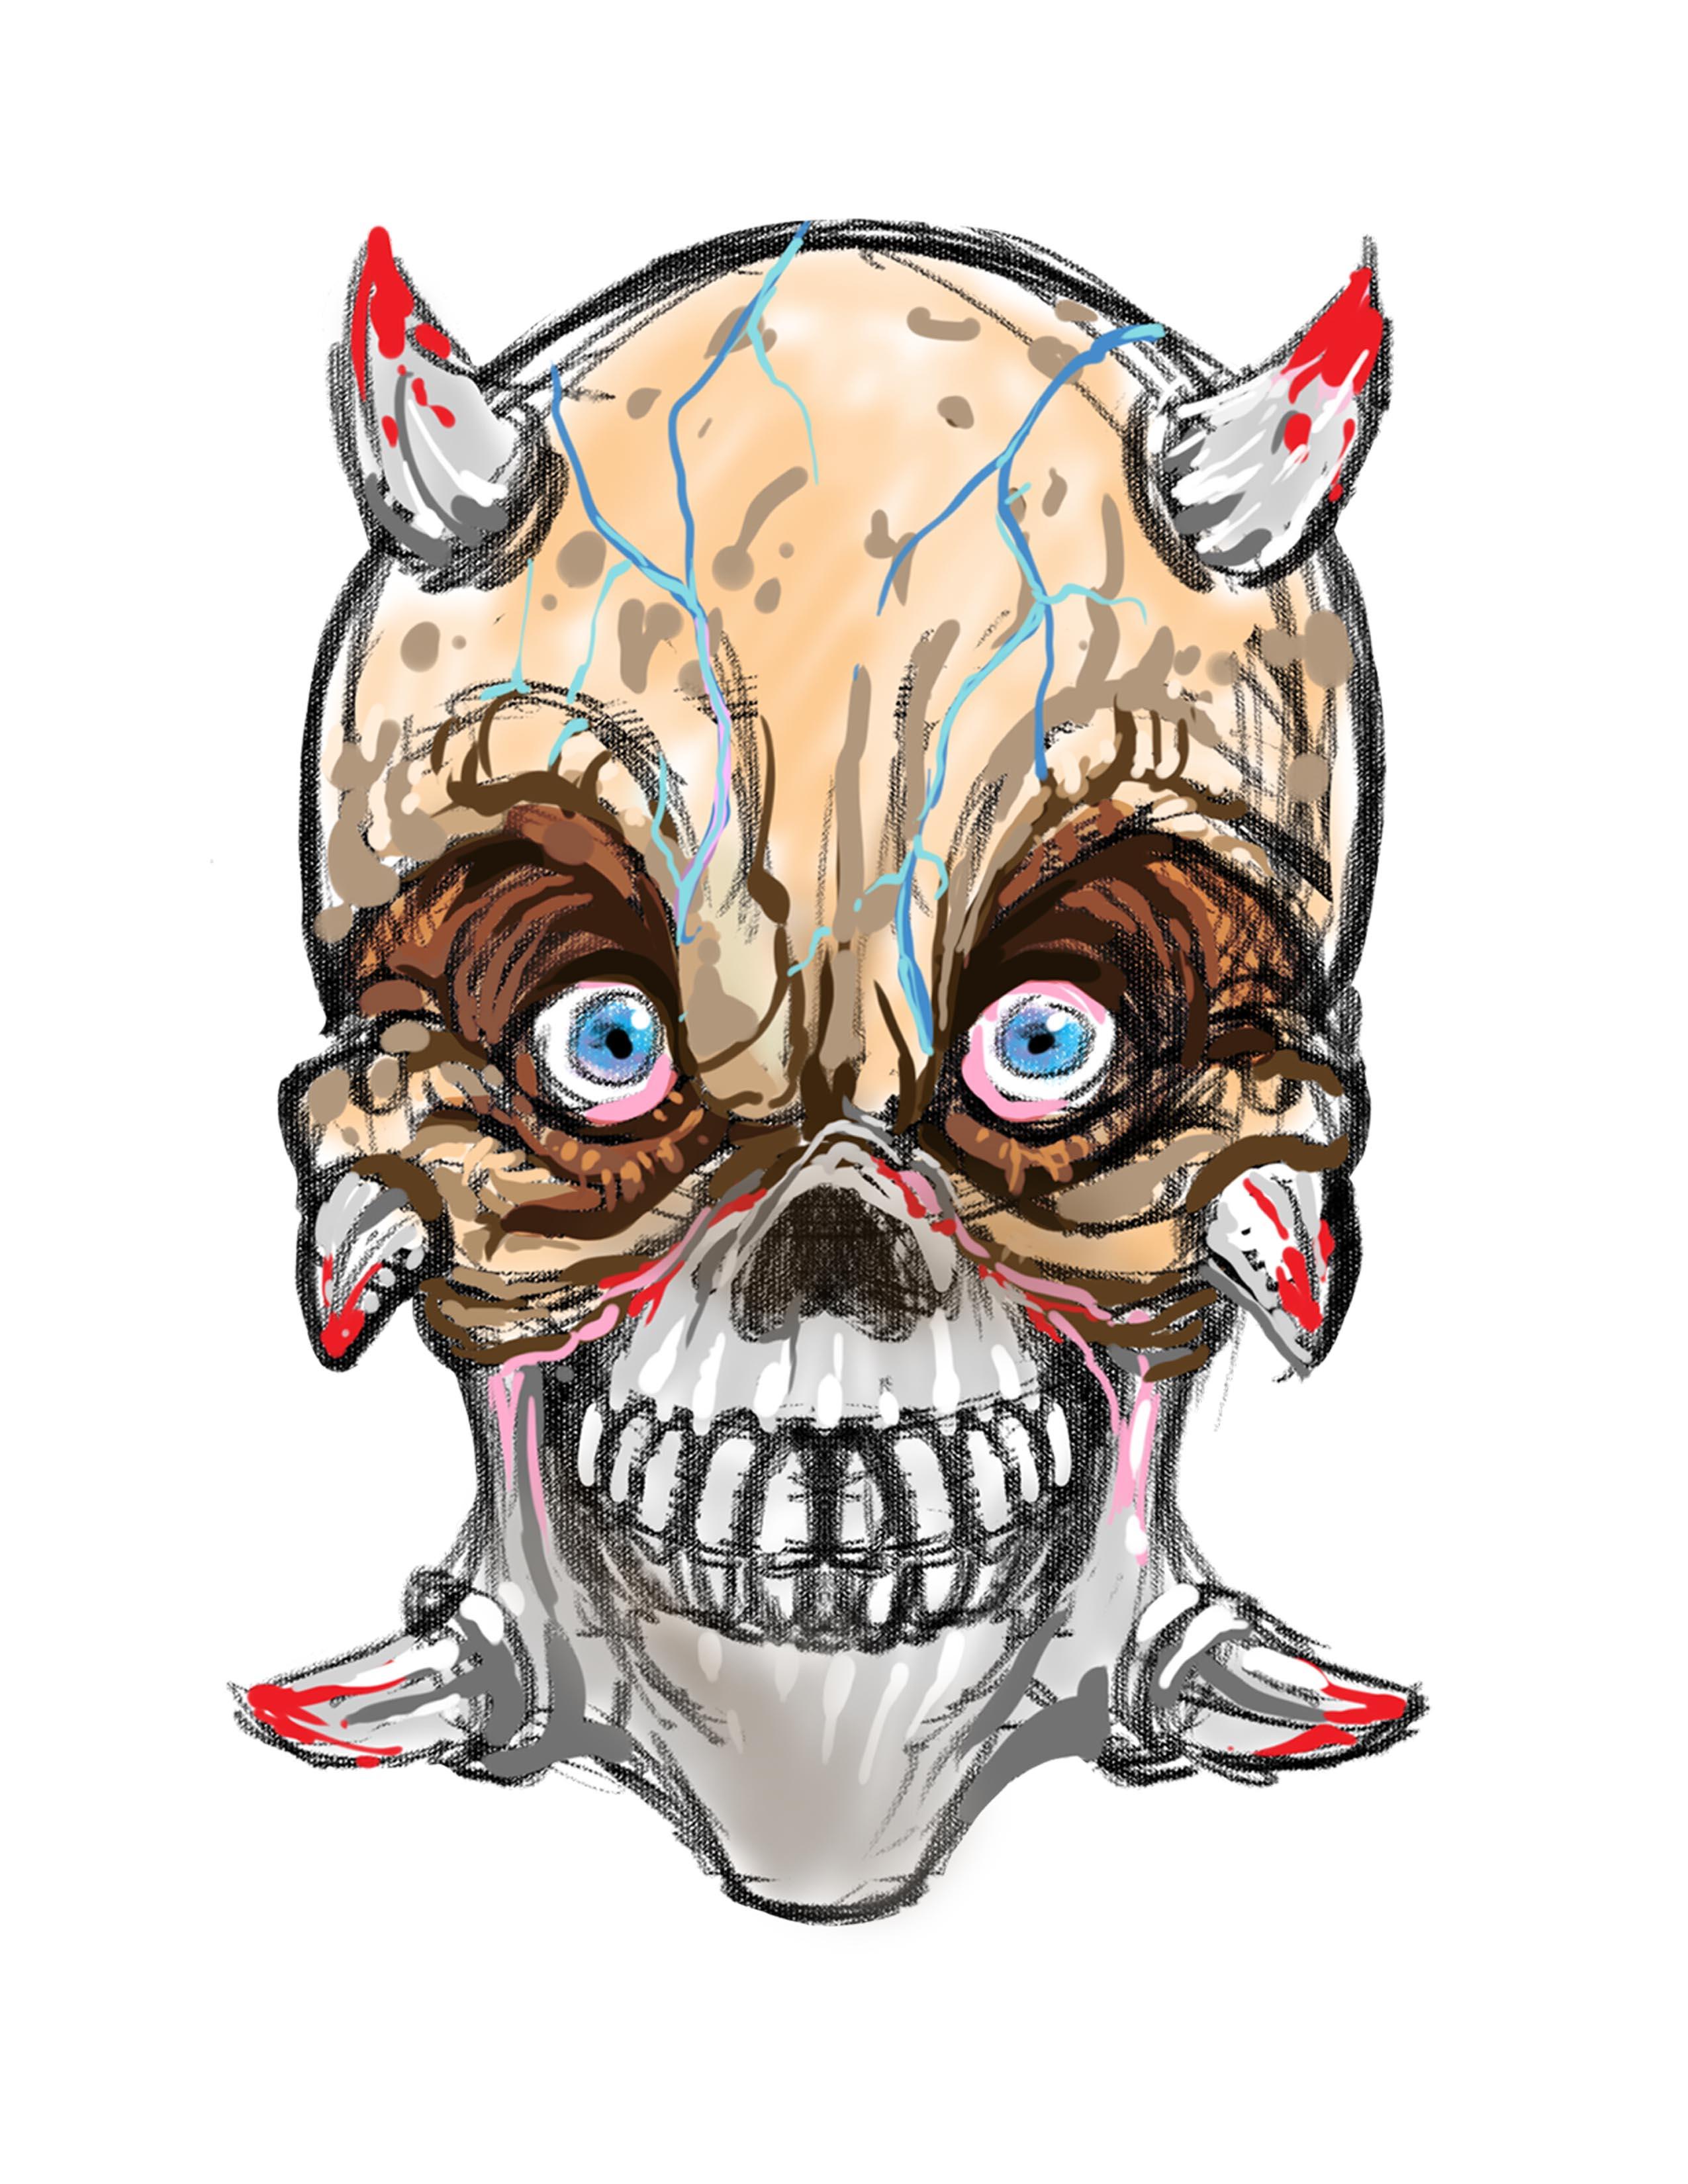 CreepyMasksSkull